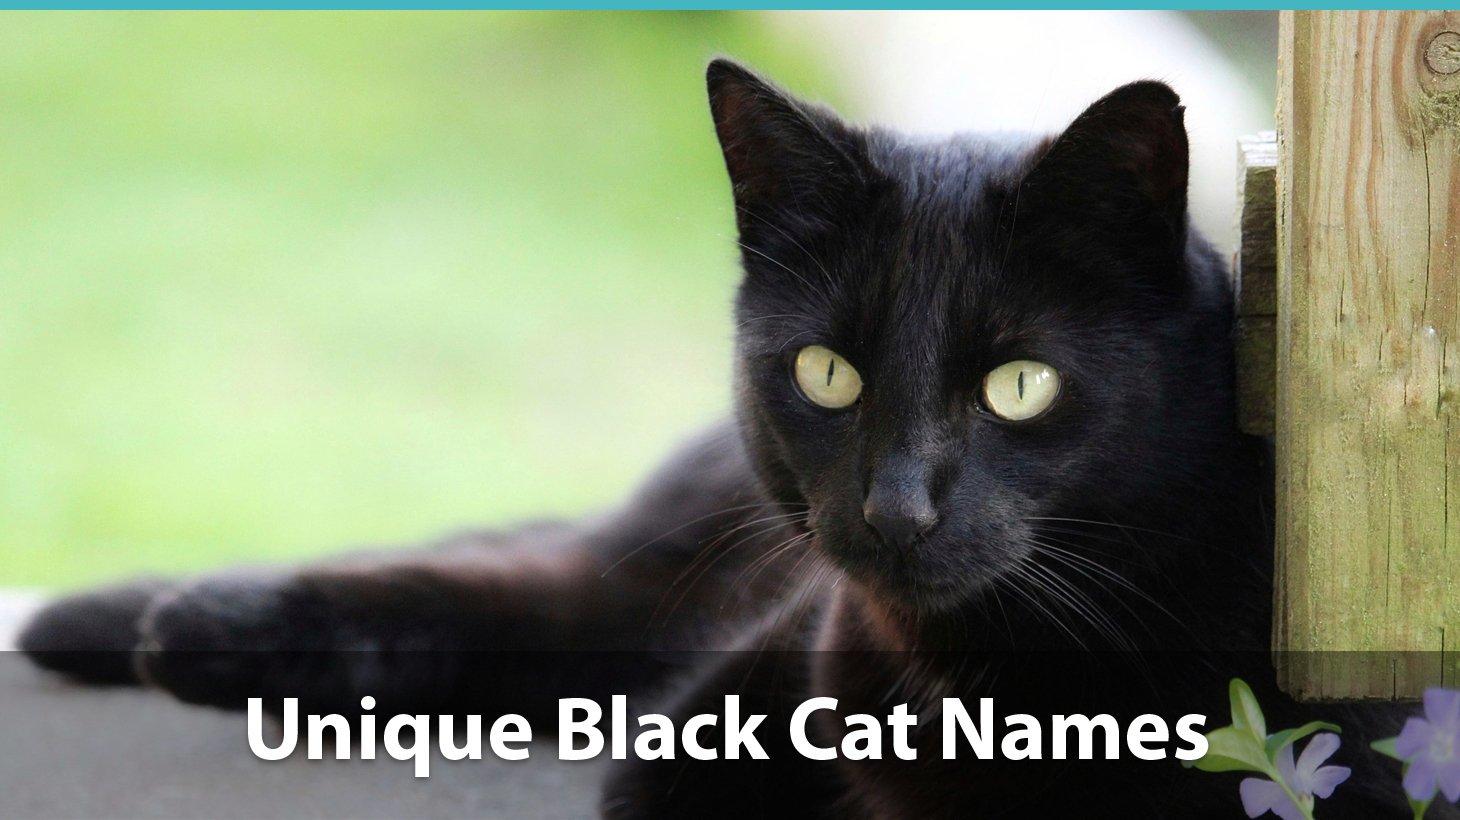 names cats cat unique funny culture